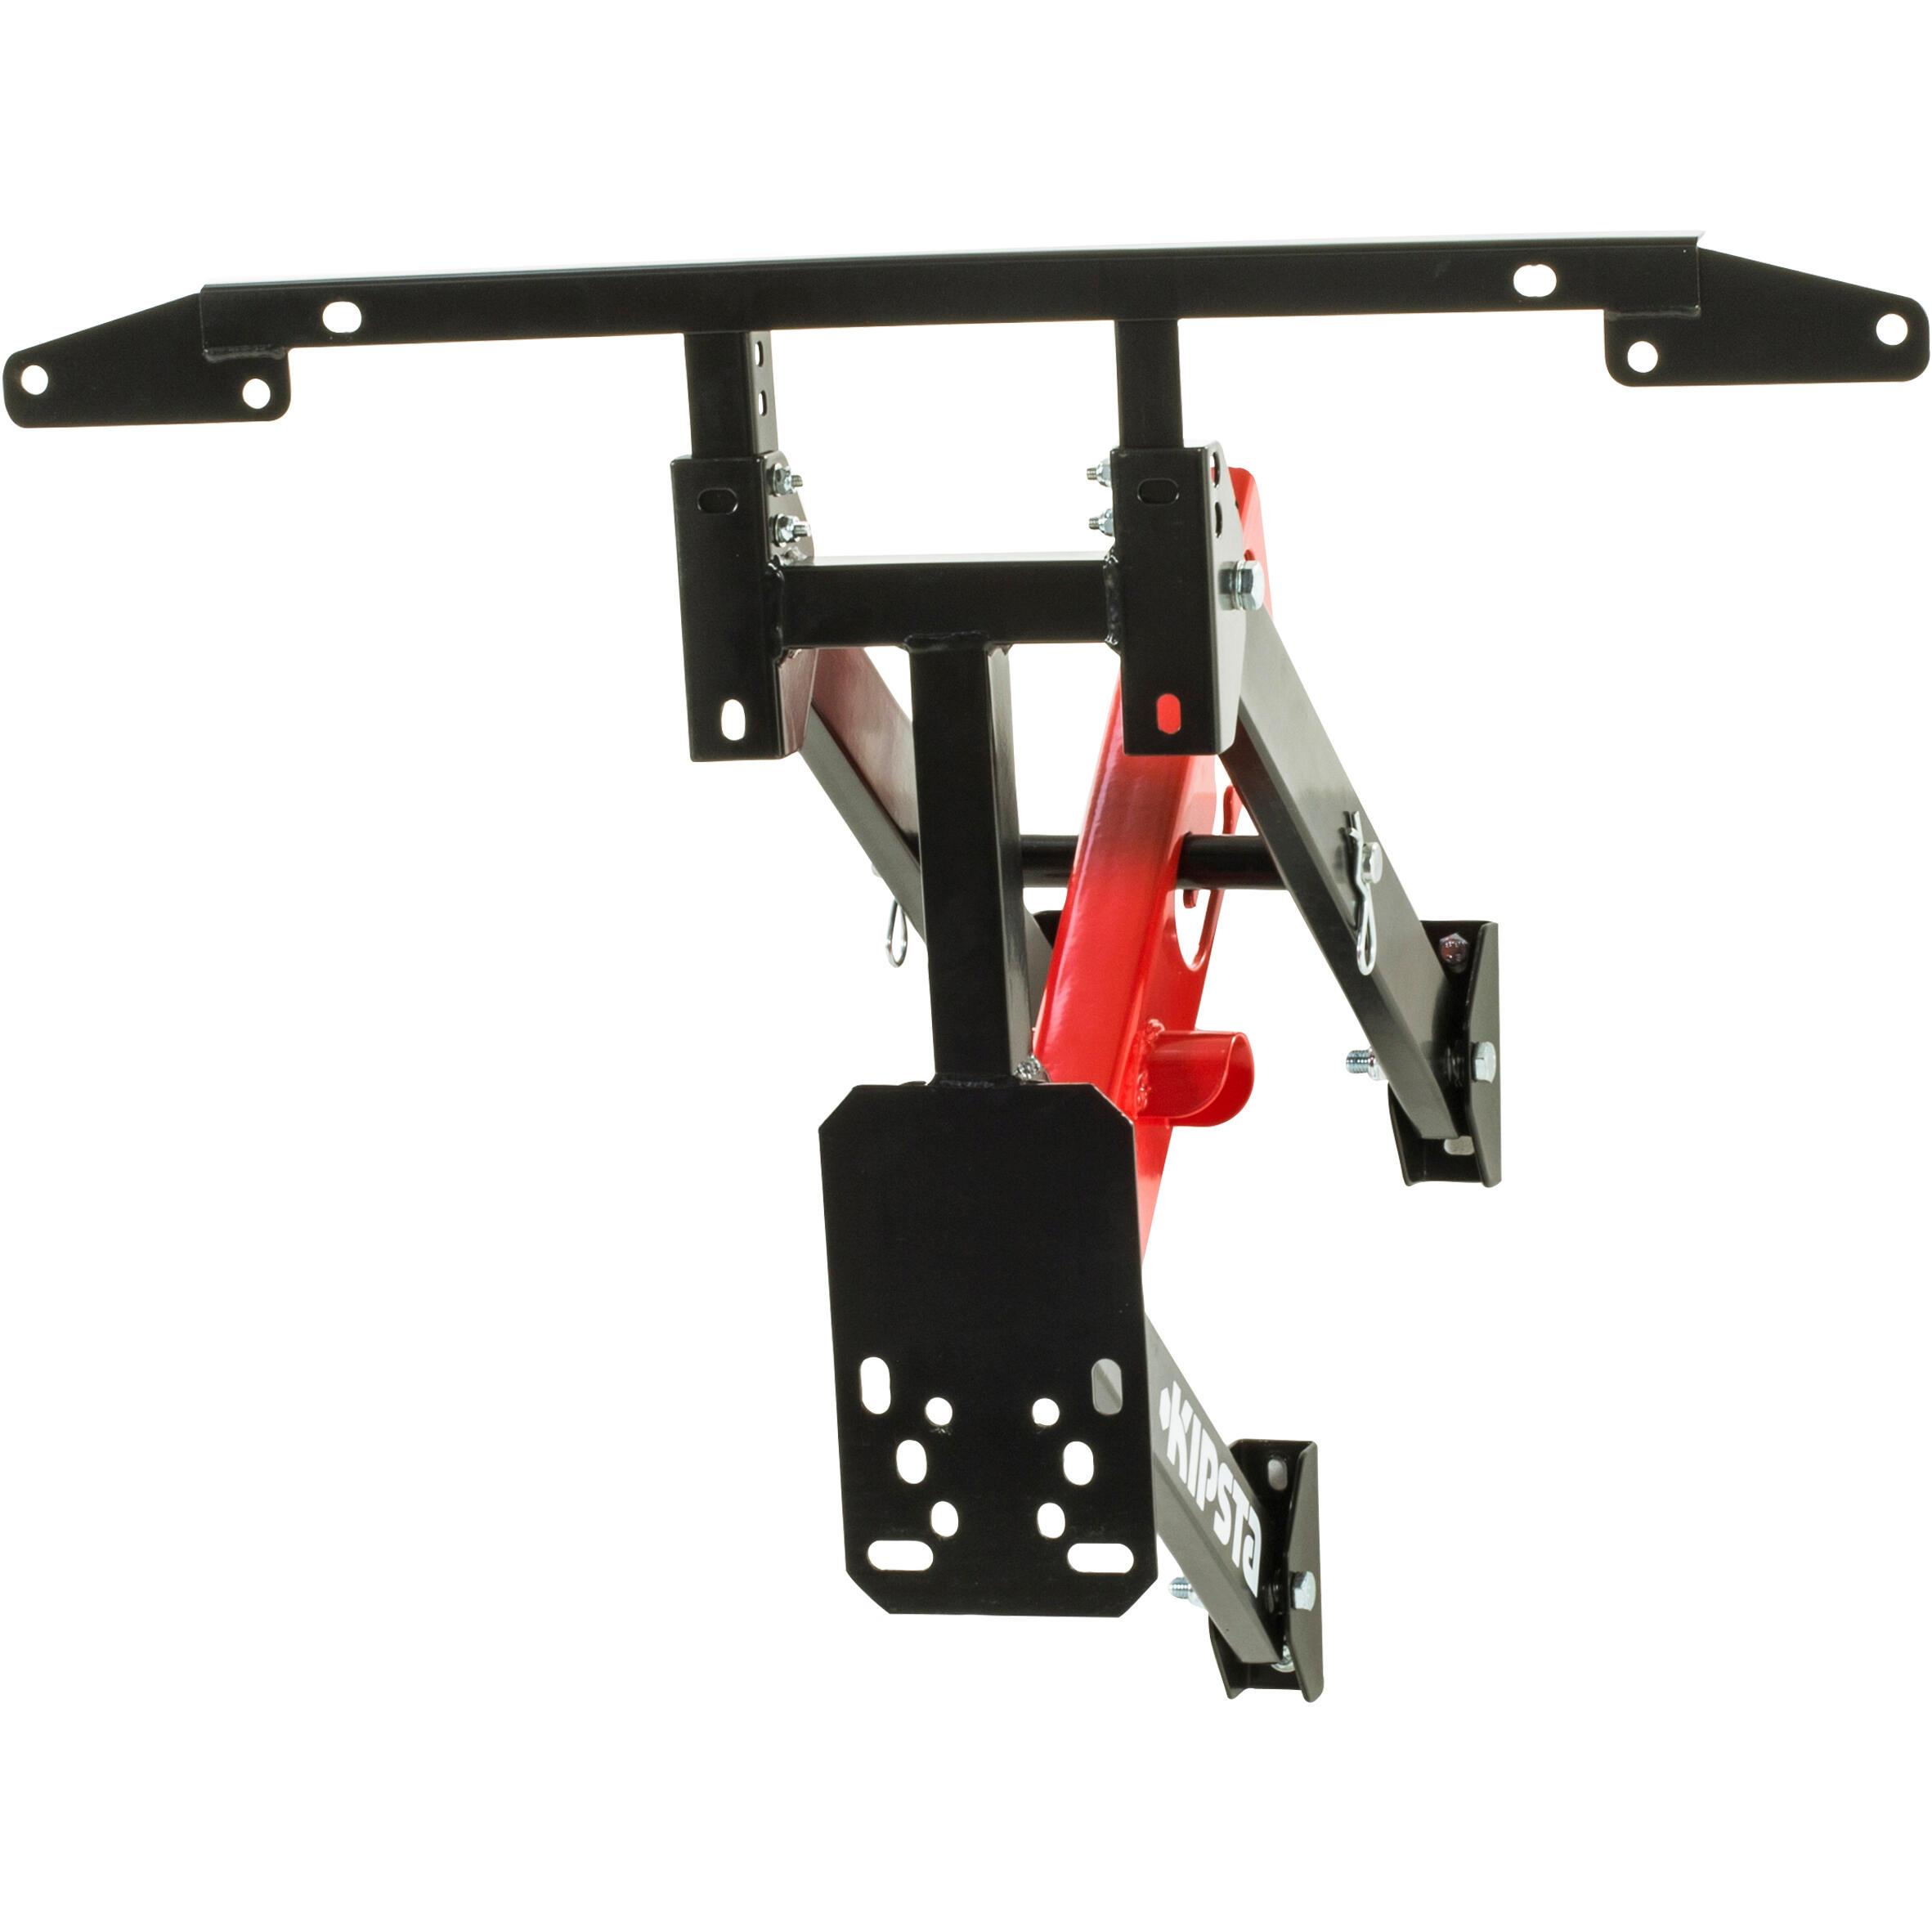 Tarmak Muurbeugel voor basketbalborden B200/B300/B700. Verstelbaar naar 3 hoogtes